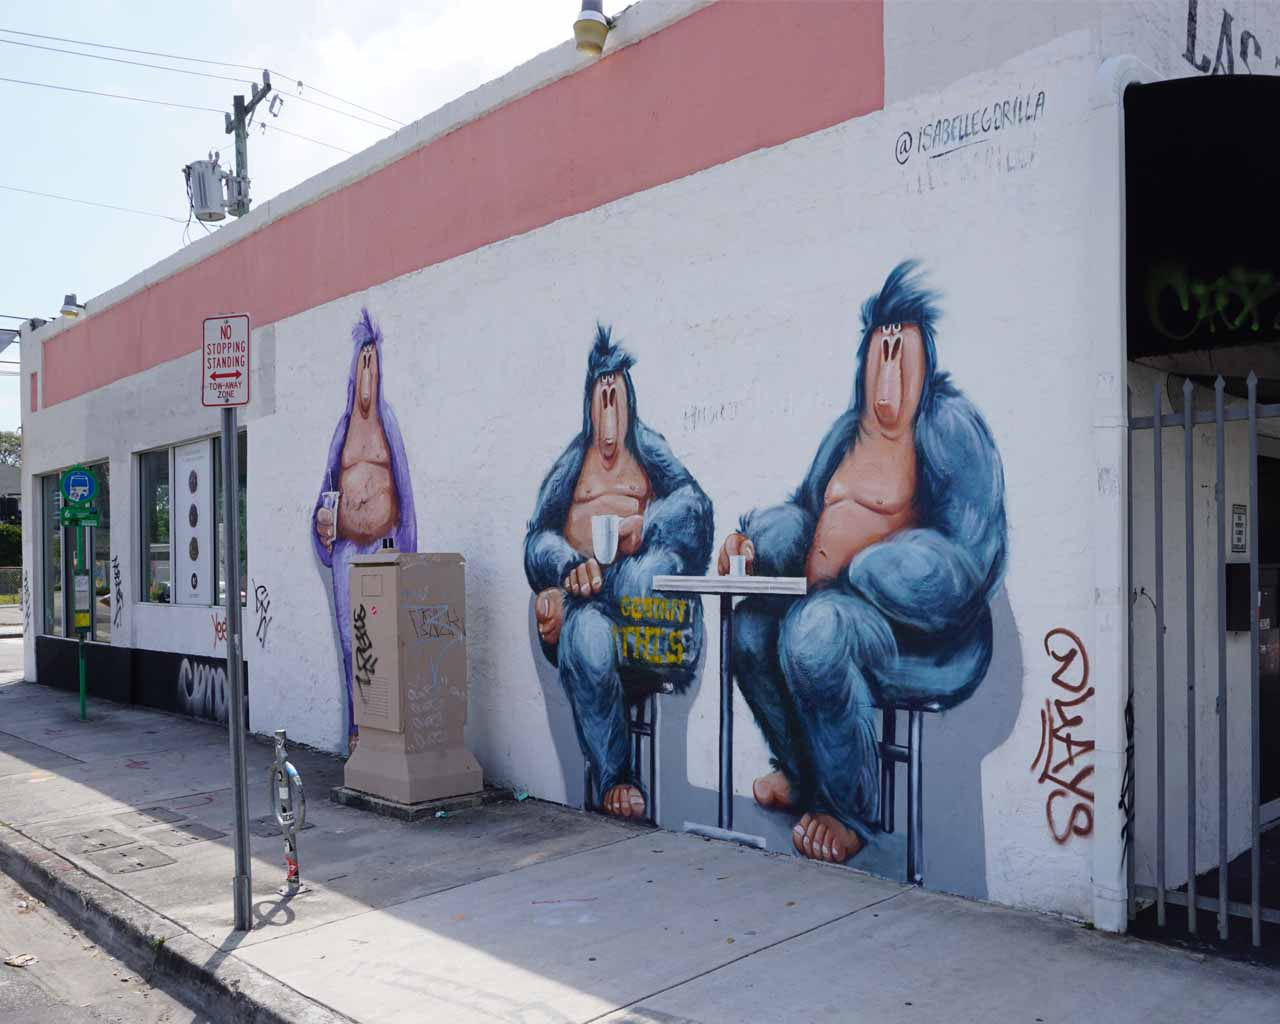 Kunst an einer Hausecke in Wynwood